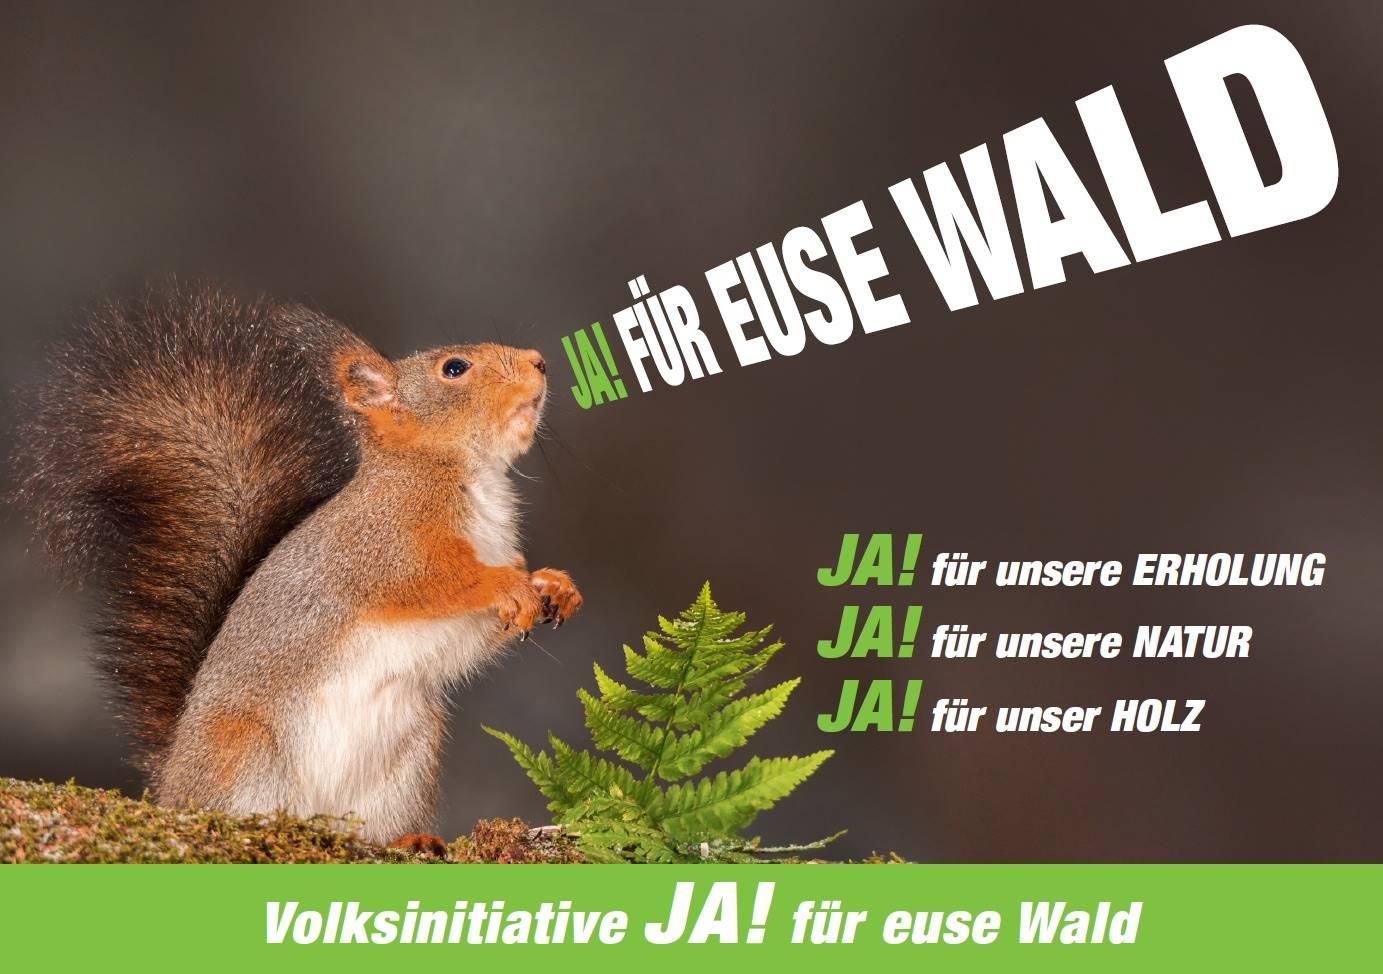 JA! für euse Wald